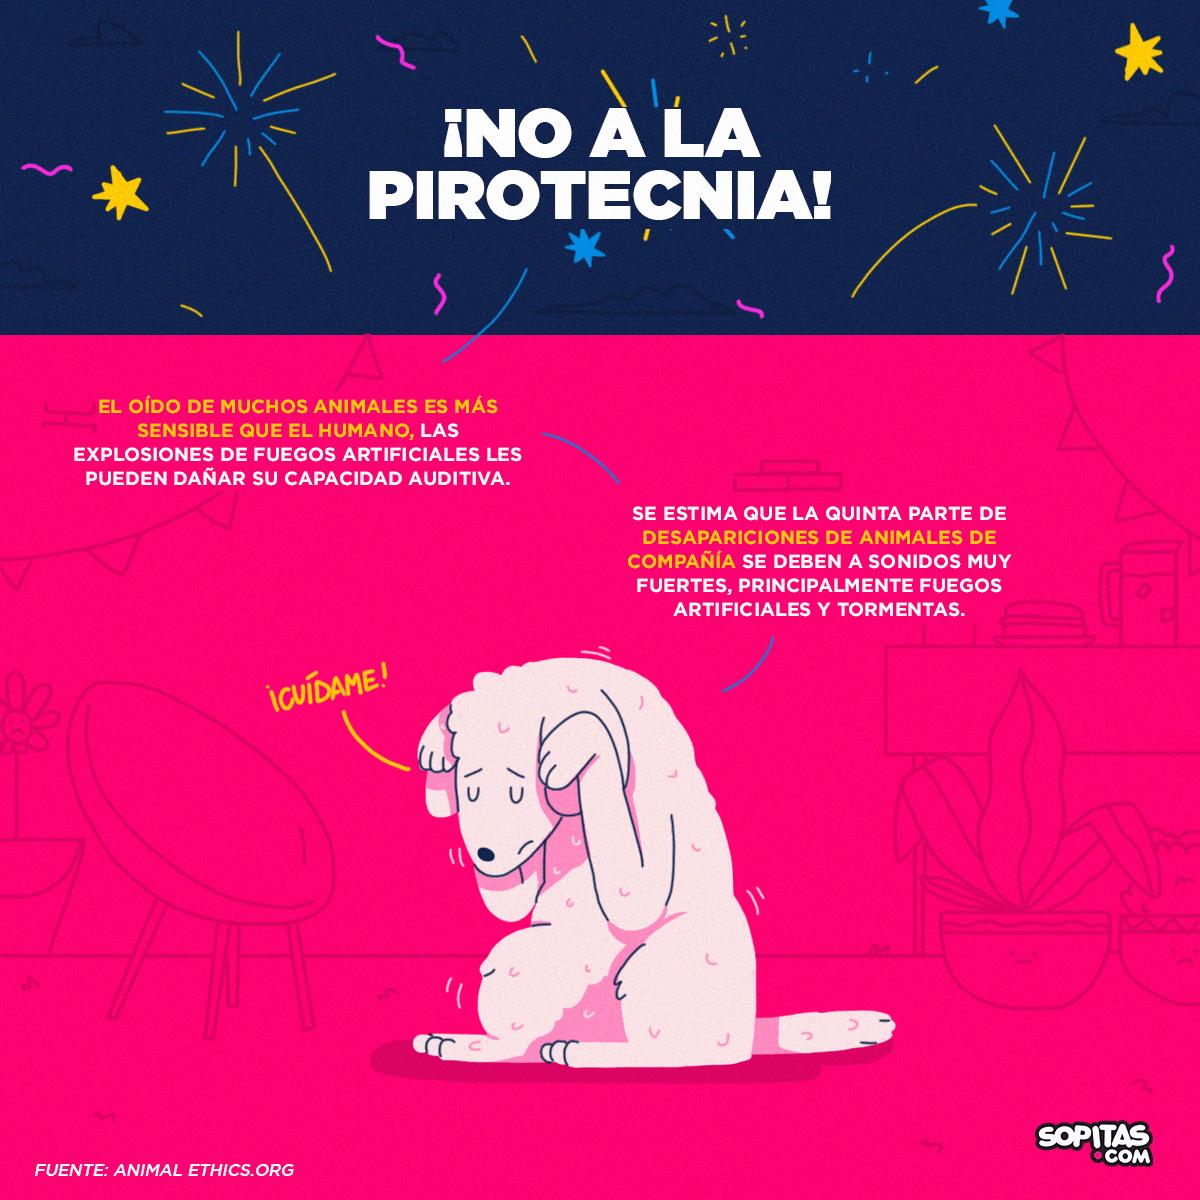 perros-pirotecnia-fuegos-artificiales-cuetes